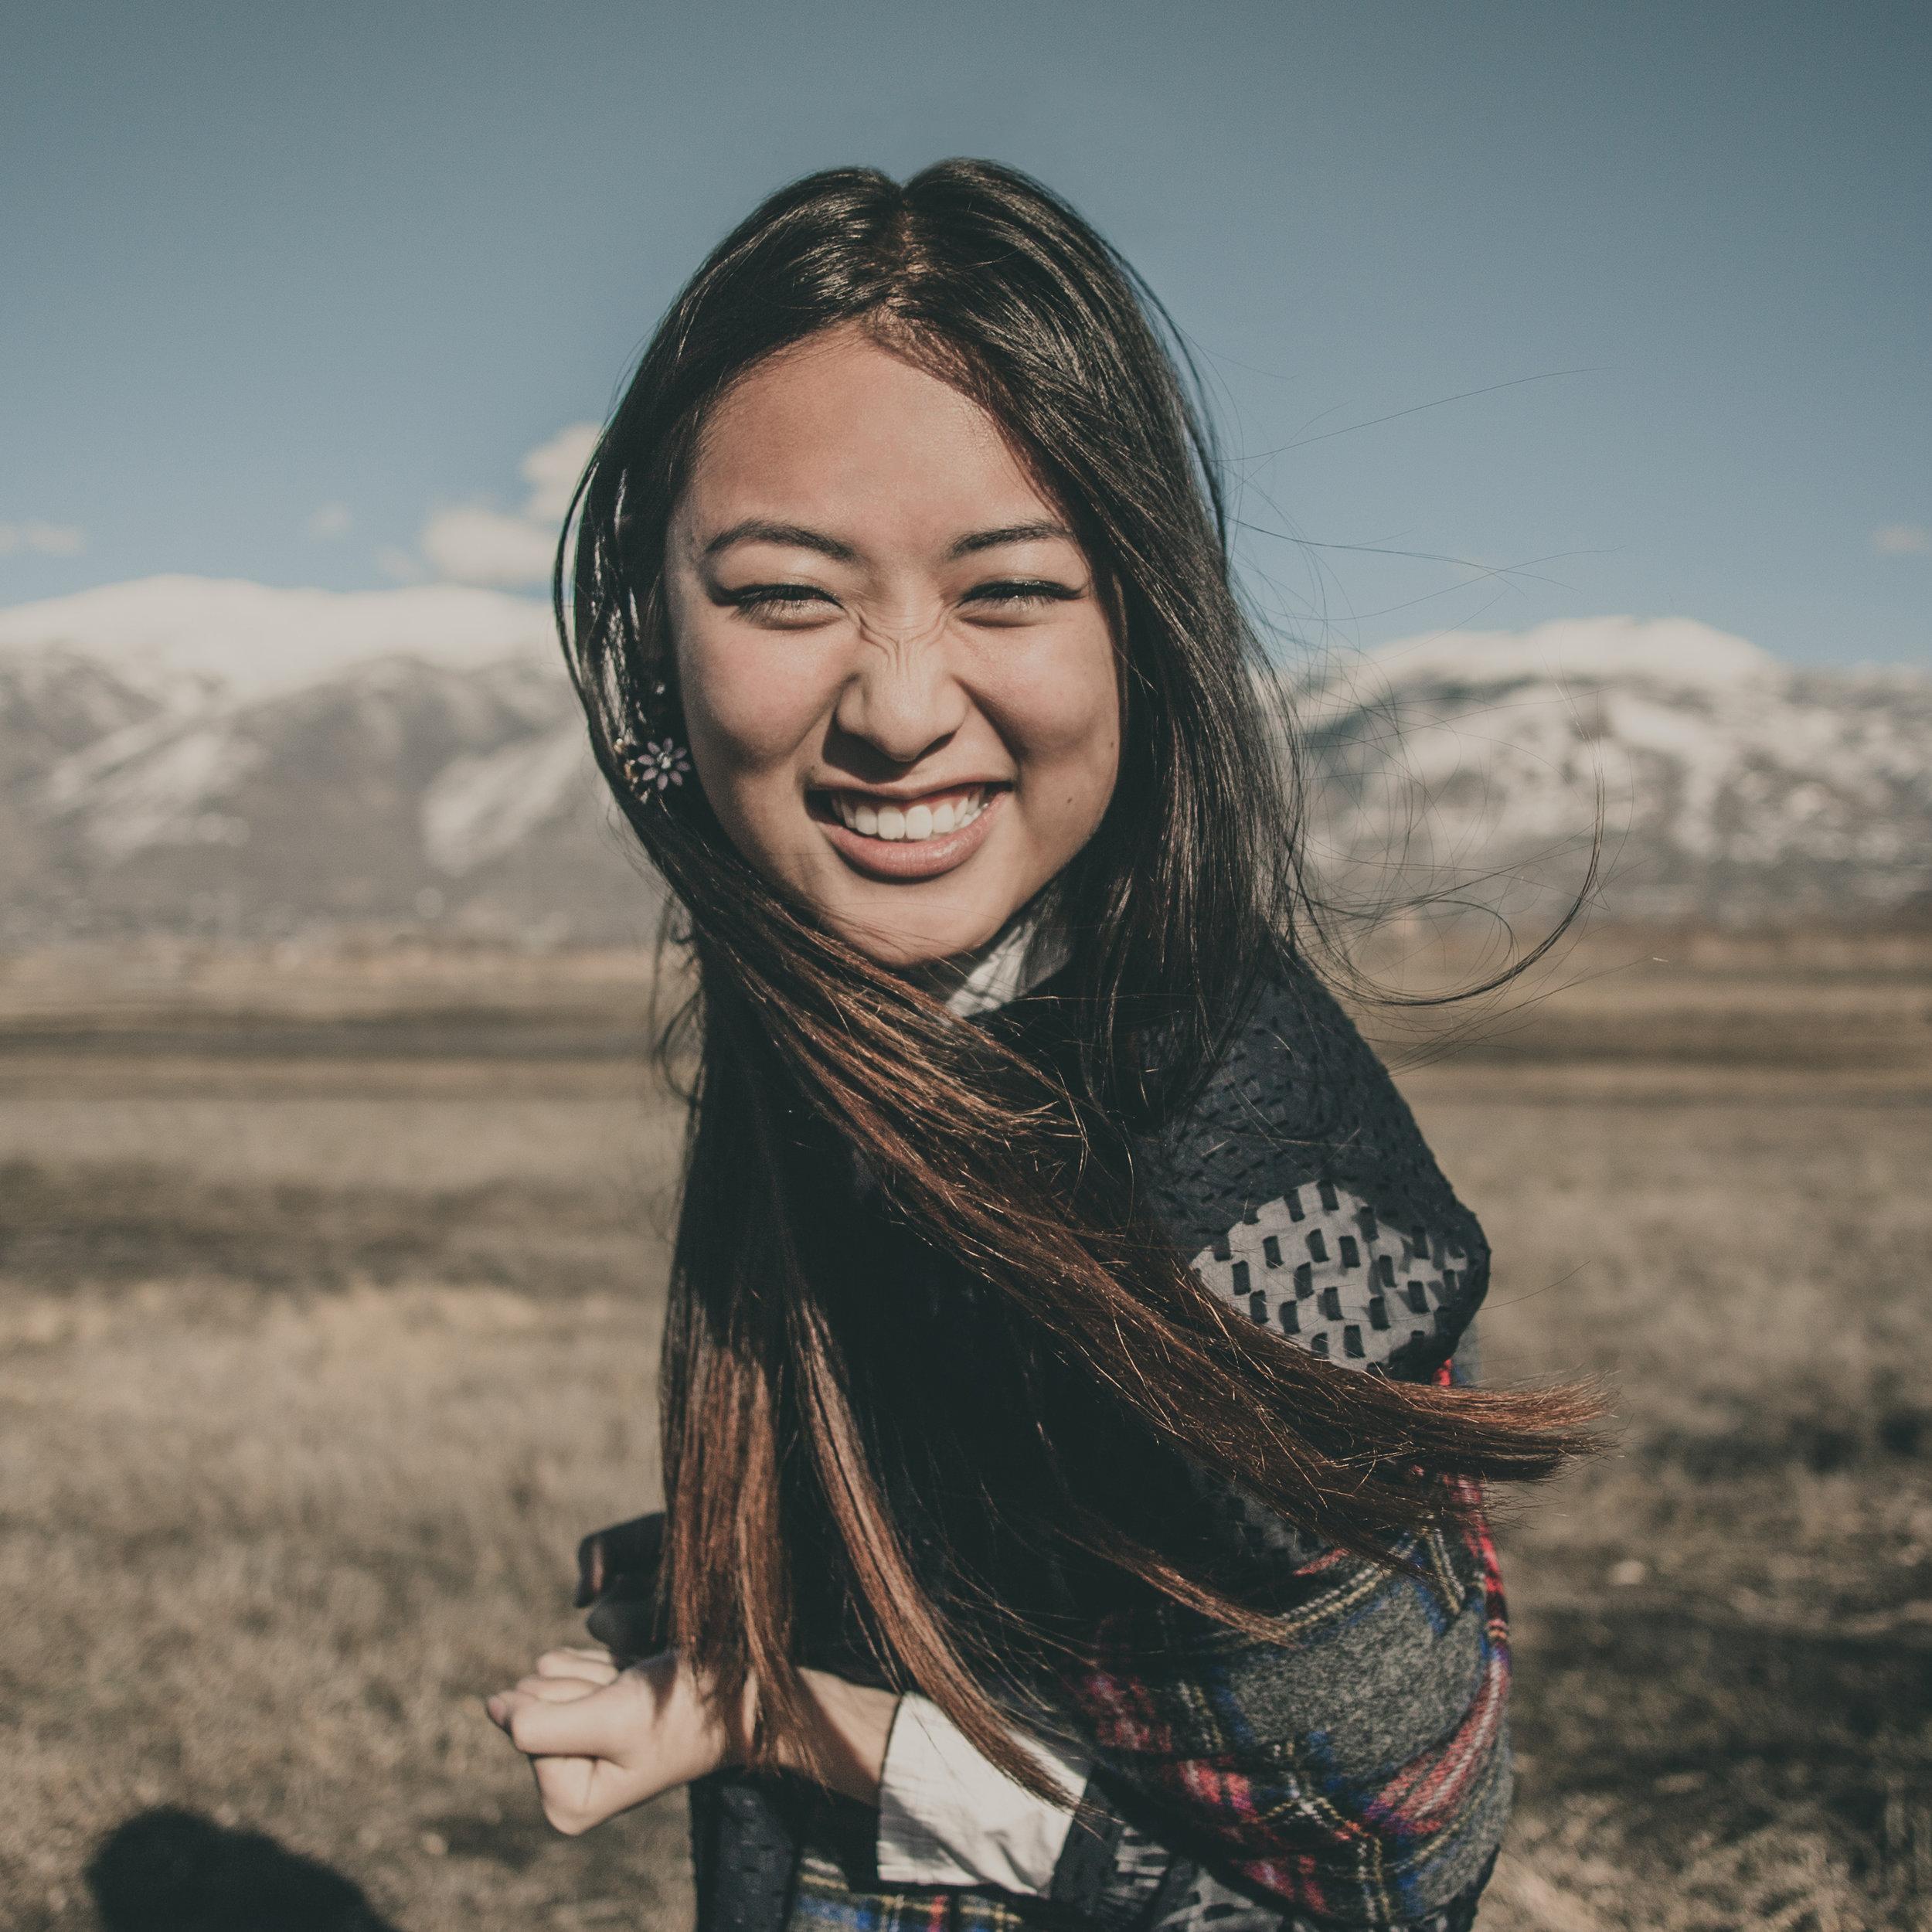 © duston-todd-womens-fashion-j-crew-mountains.jpg